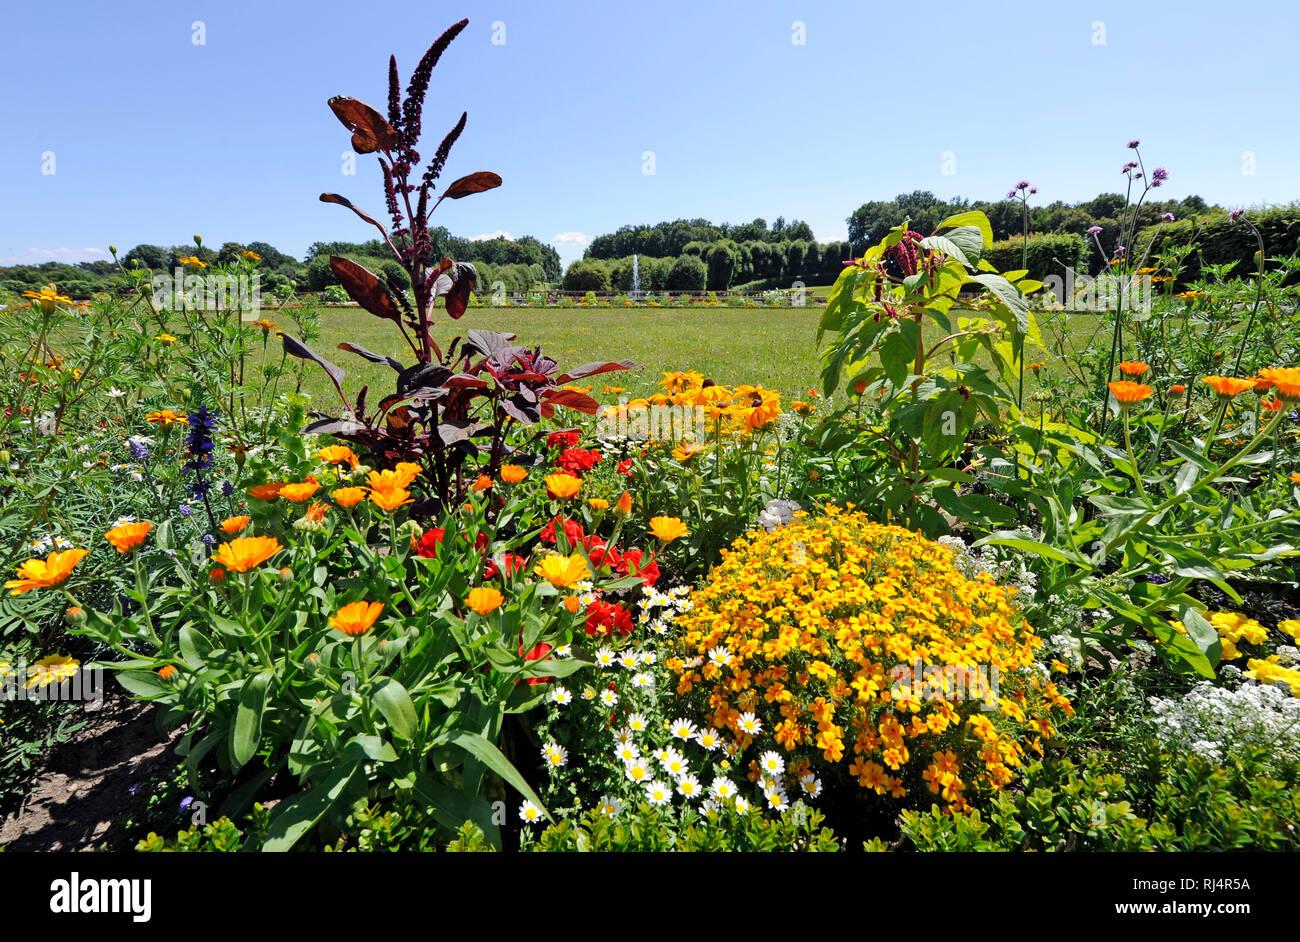 ?ppige Blumenrabatte aus bunten Sommerblumen und verschiedenartigen Stauden, - Stock Image